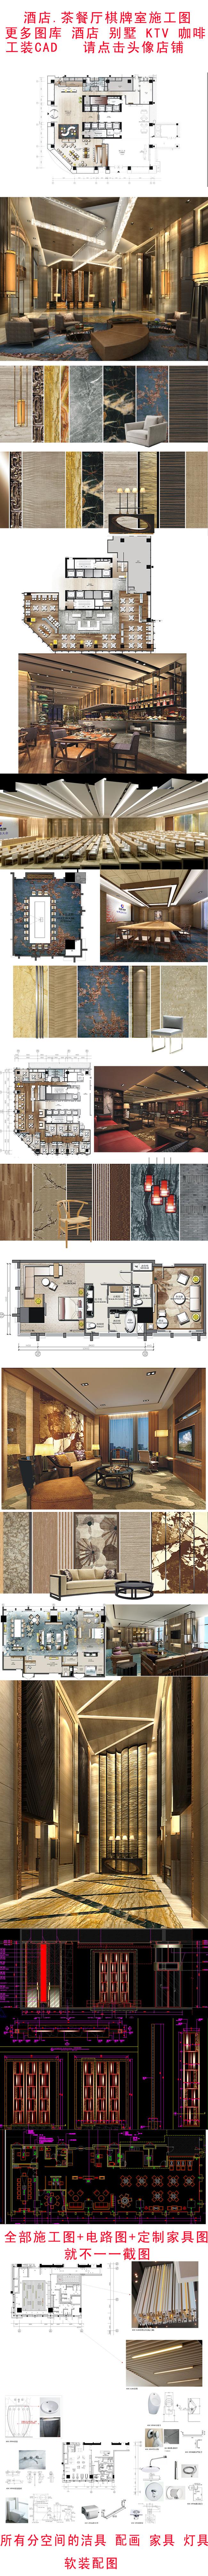 施工图家具设计带效果图图片下载咖啡厅图纸 家具cad素材 电路cad插座